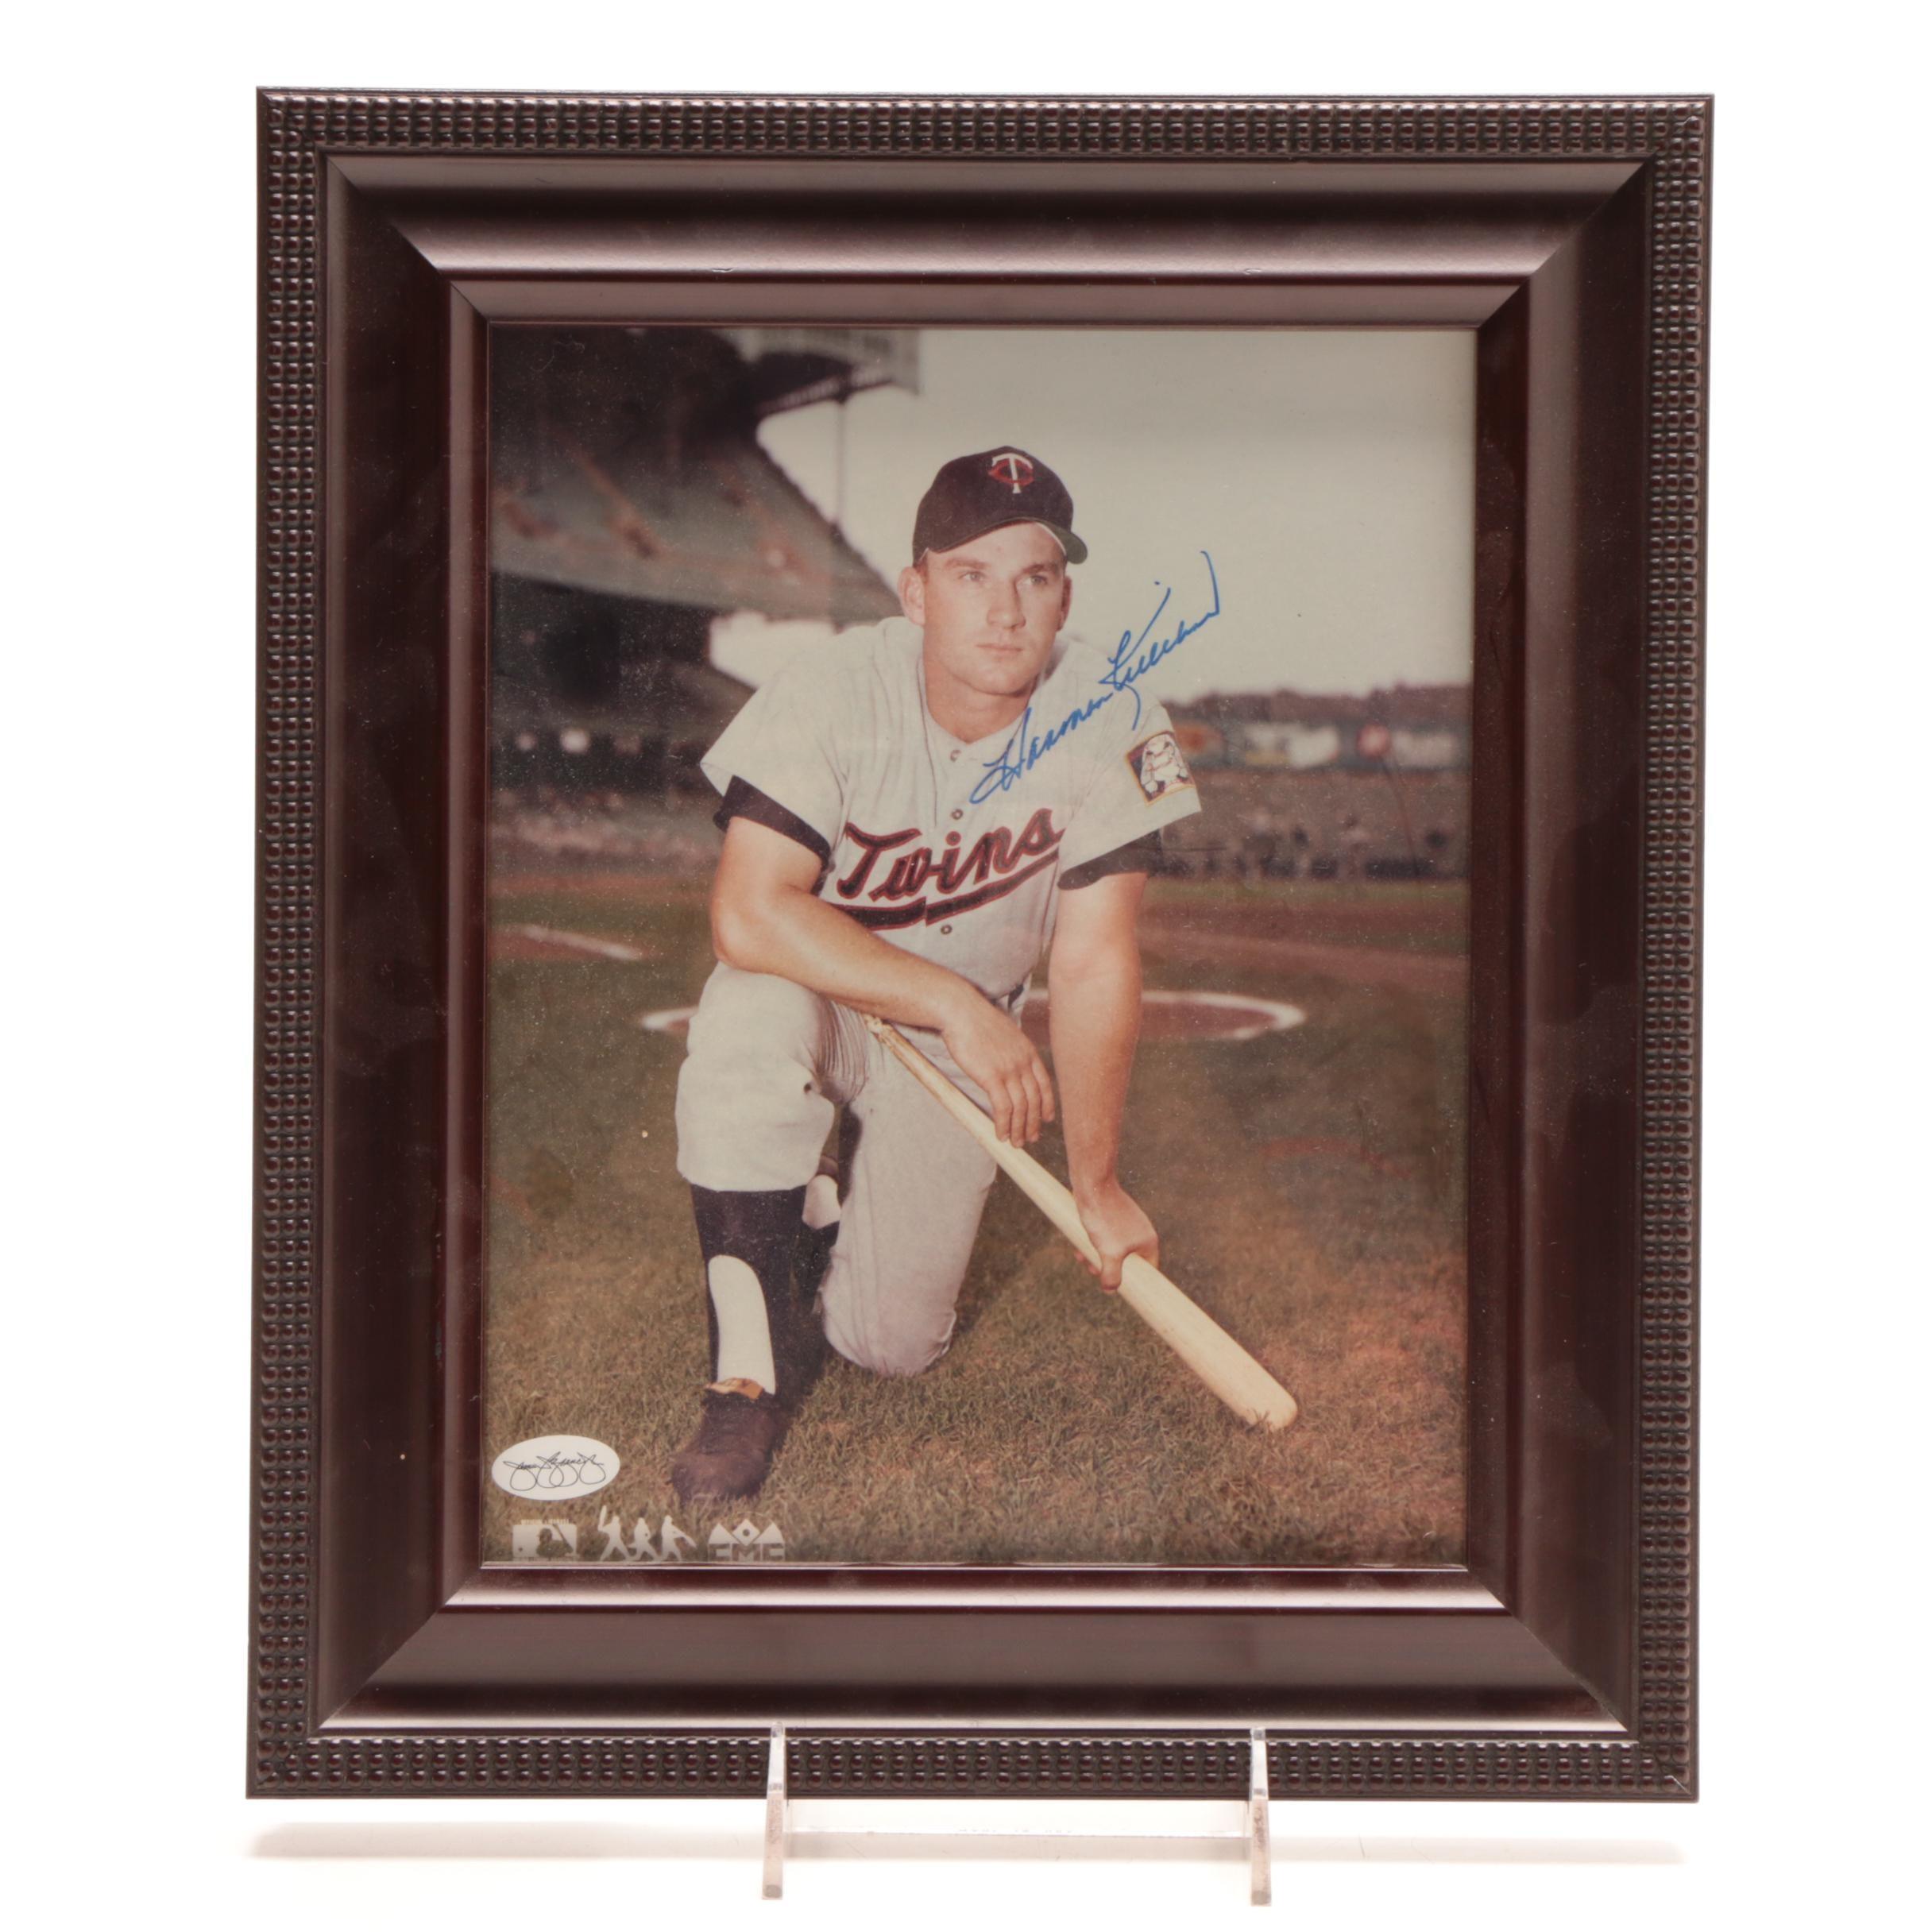 (HOF) Harmon Killebrew Signed Framed Baseball Photo Print JSA COA